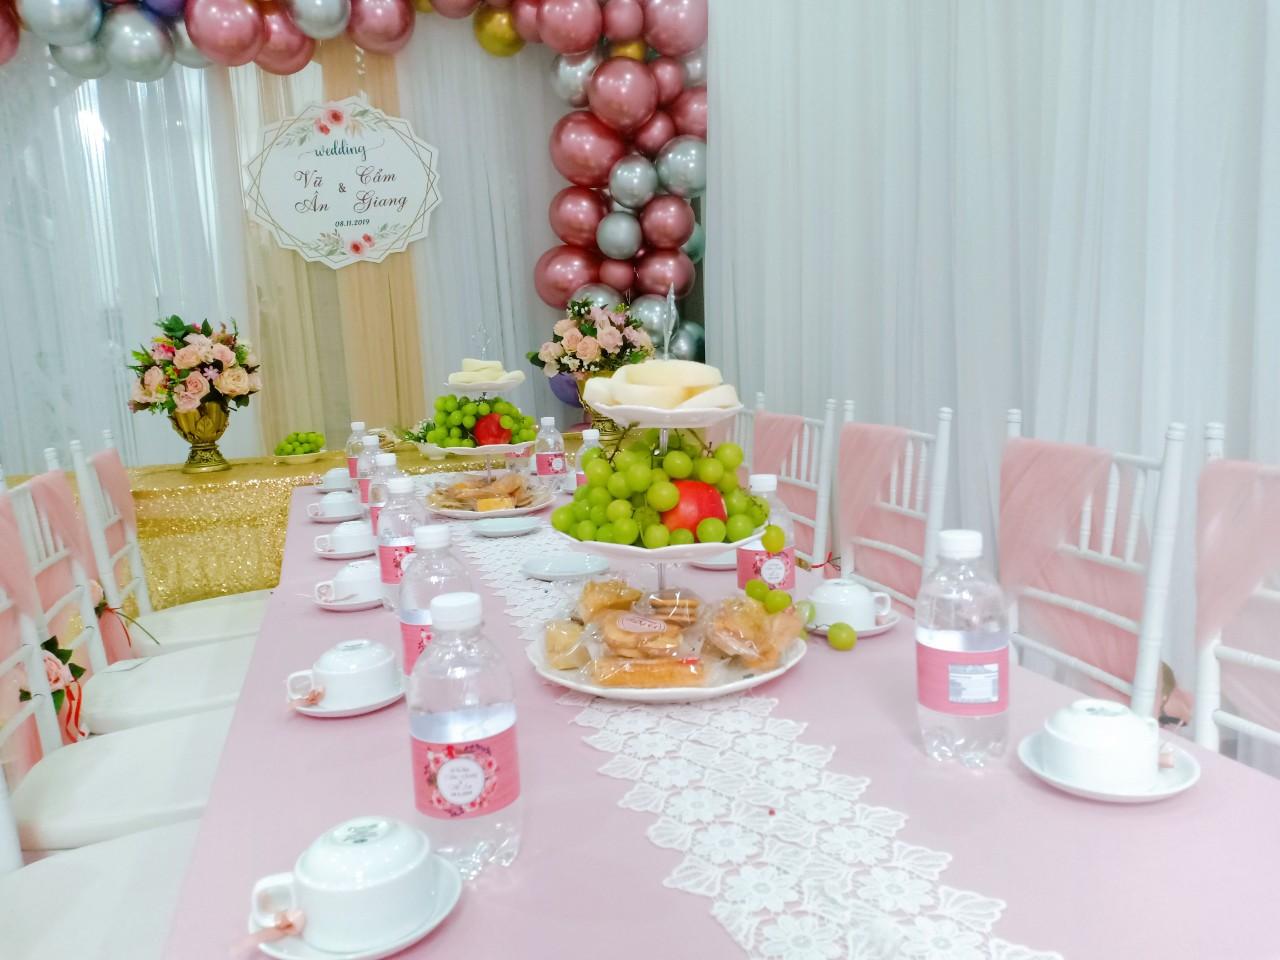 Backdrop tic cưới đón lễ vu quy bằng vải voan và bong bóng BBX187 góc nhìn 1